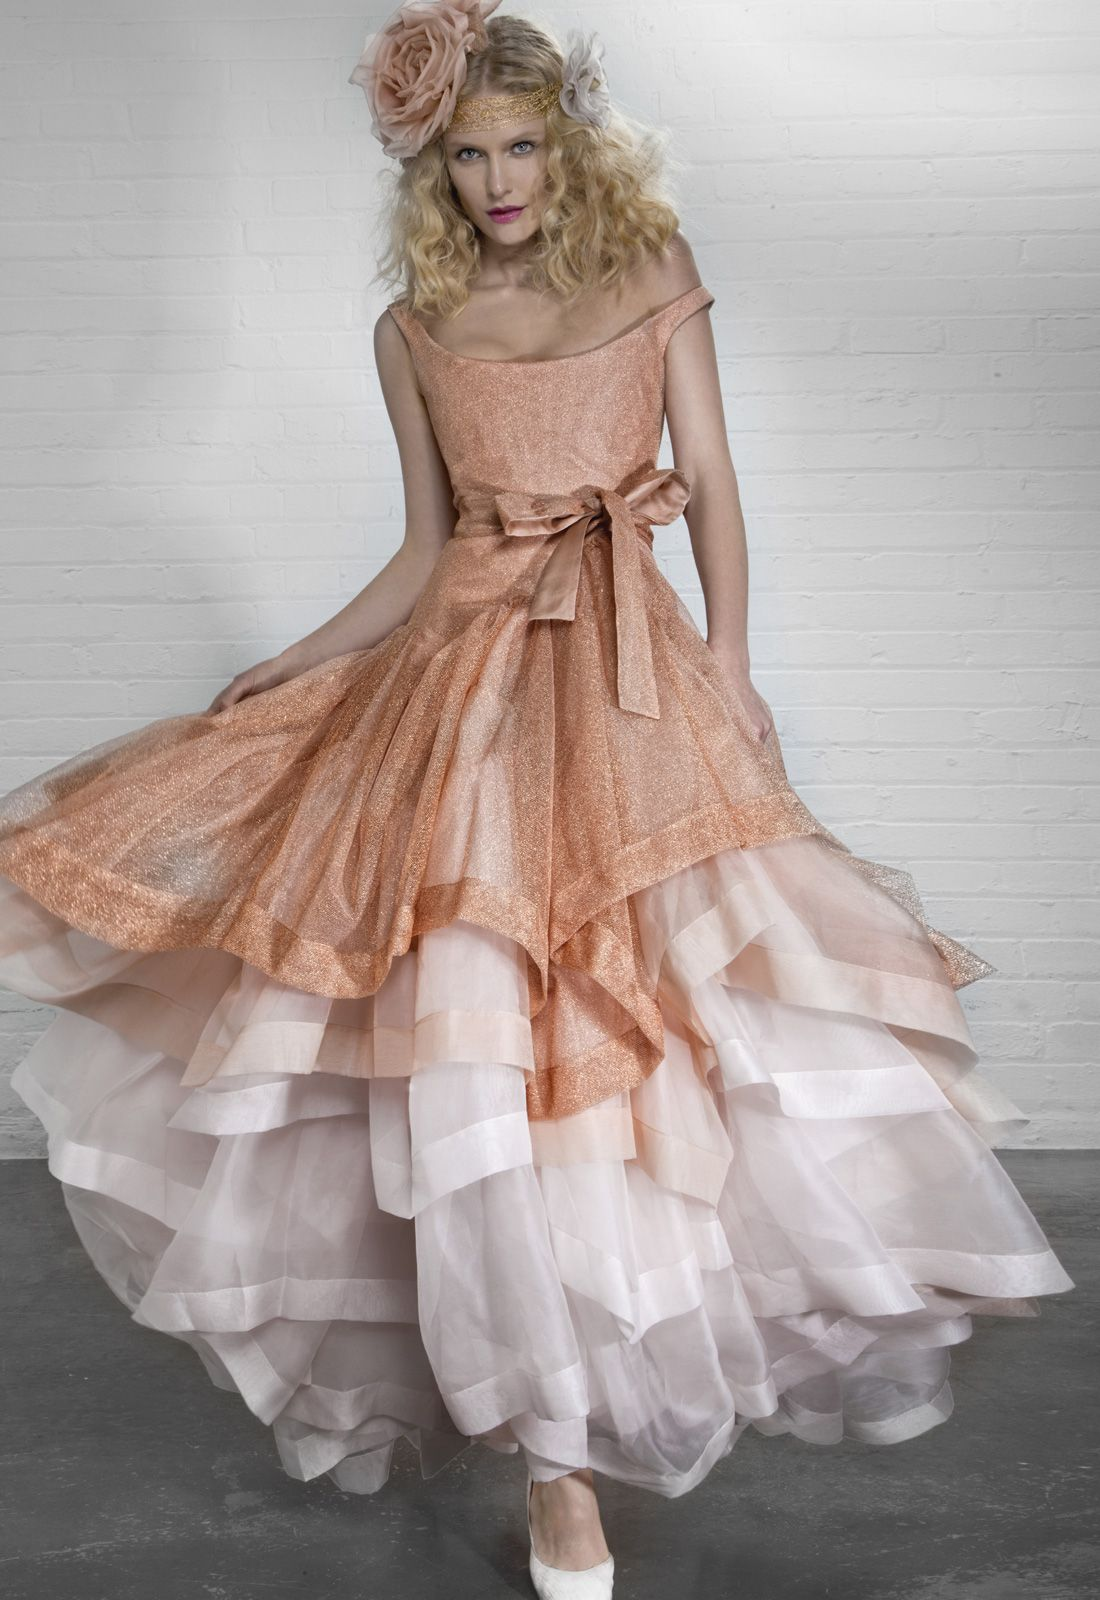 Vivienne westwood wedding dress  Vivienne Westwood Princess Dress Coral shimmer tulle on silk